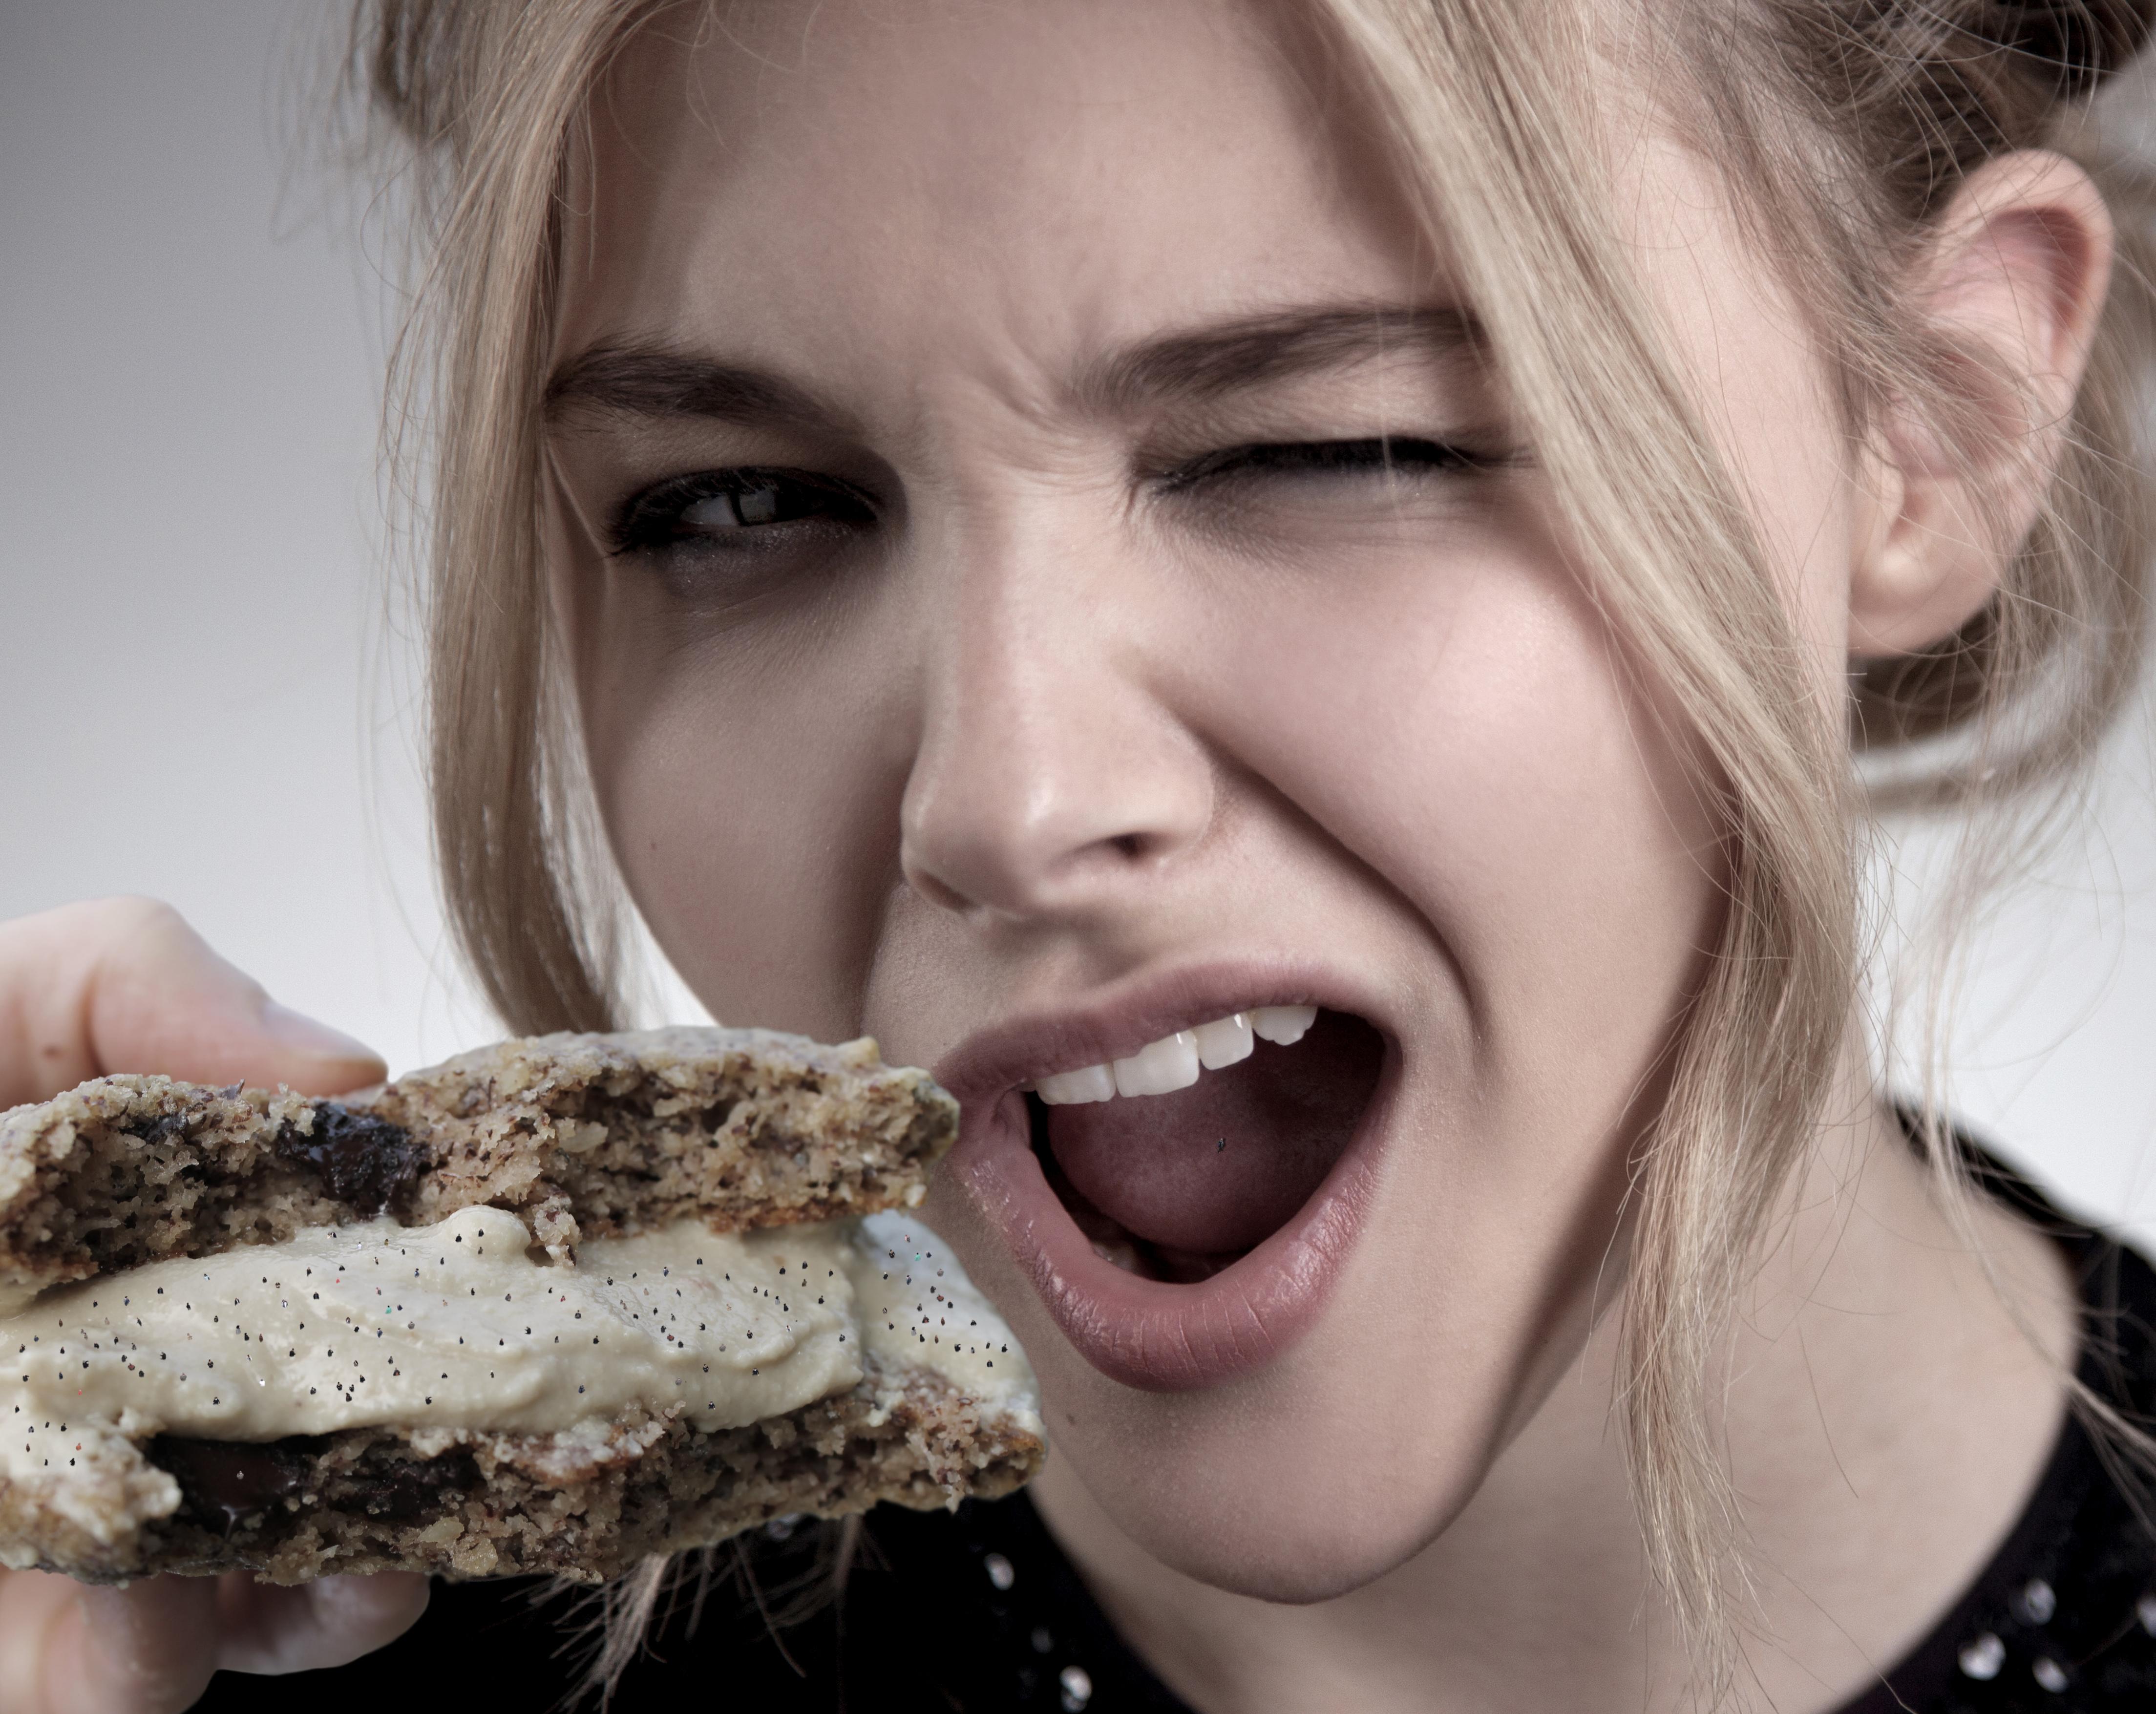 image Chloe grace moretz tongue